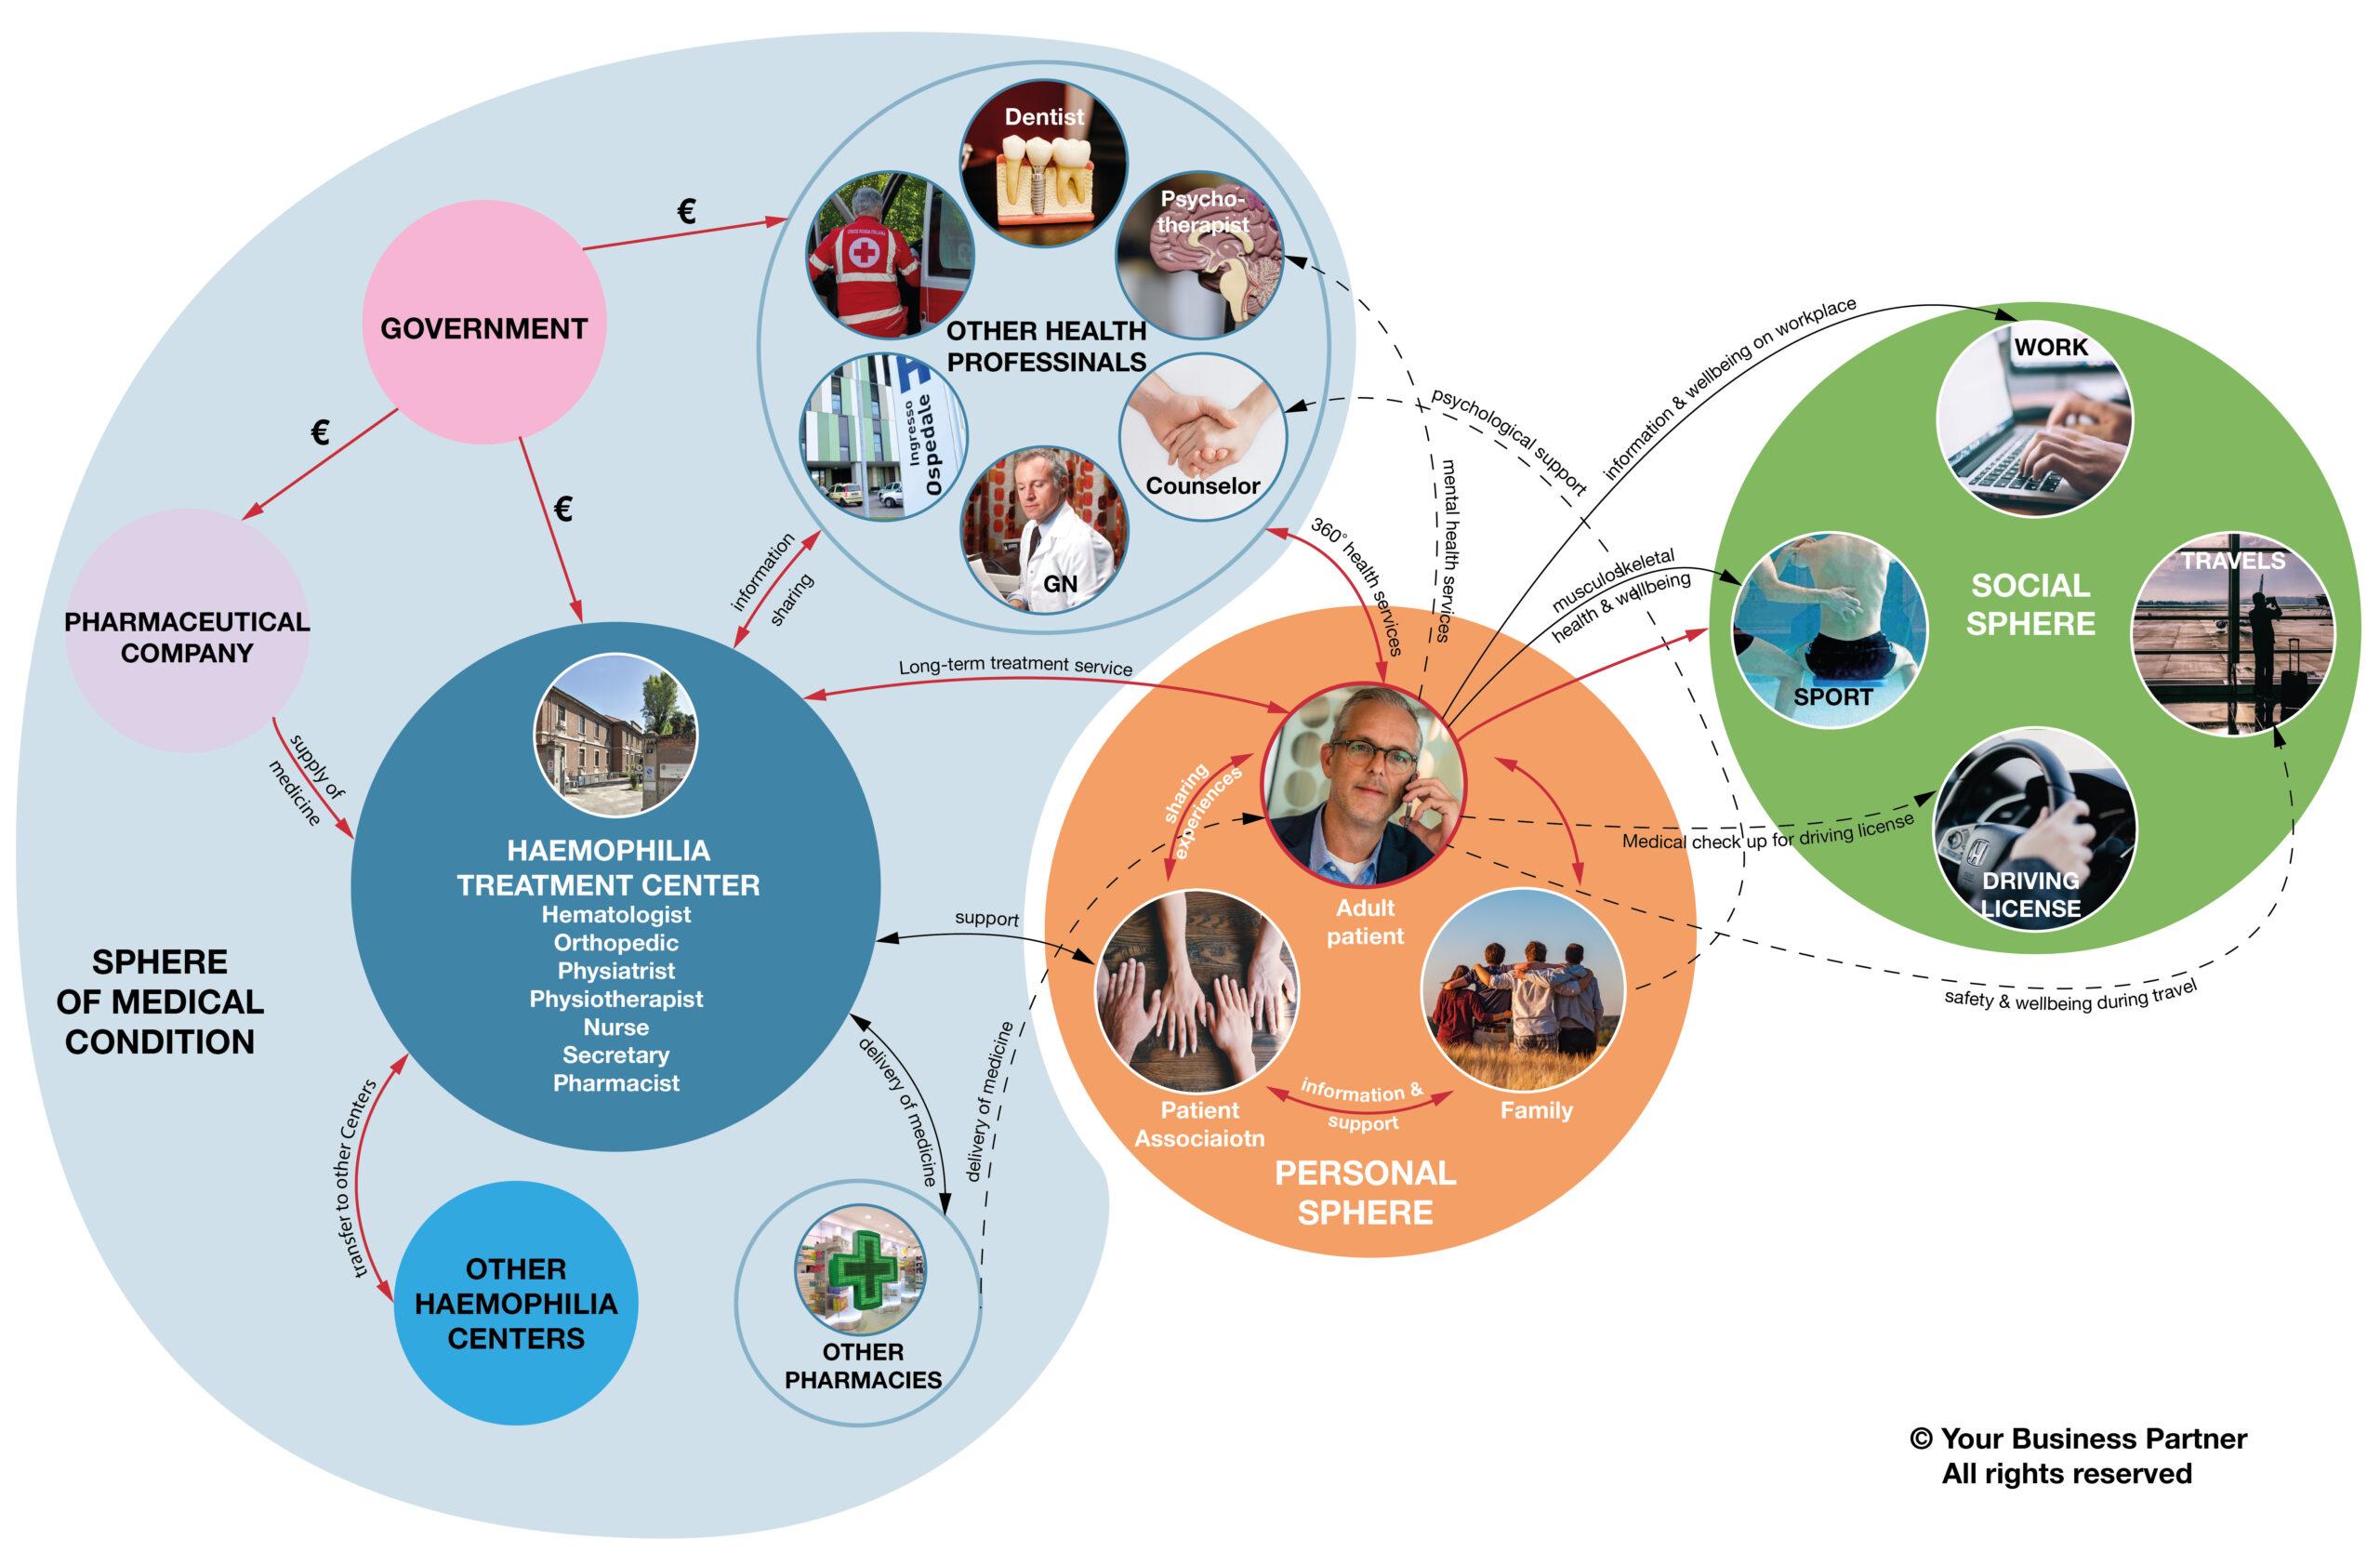 Il centro Emofilia Angelo Bianchi Bonomi esempio di best practice per la gestione personalizzata dei pazienti emofilici